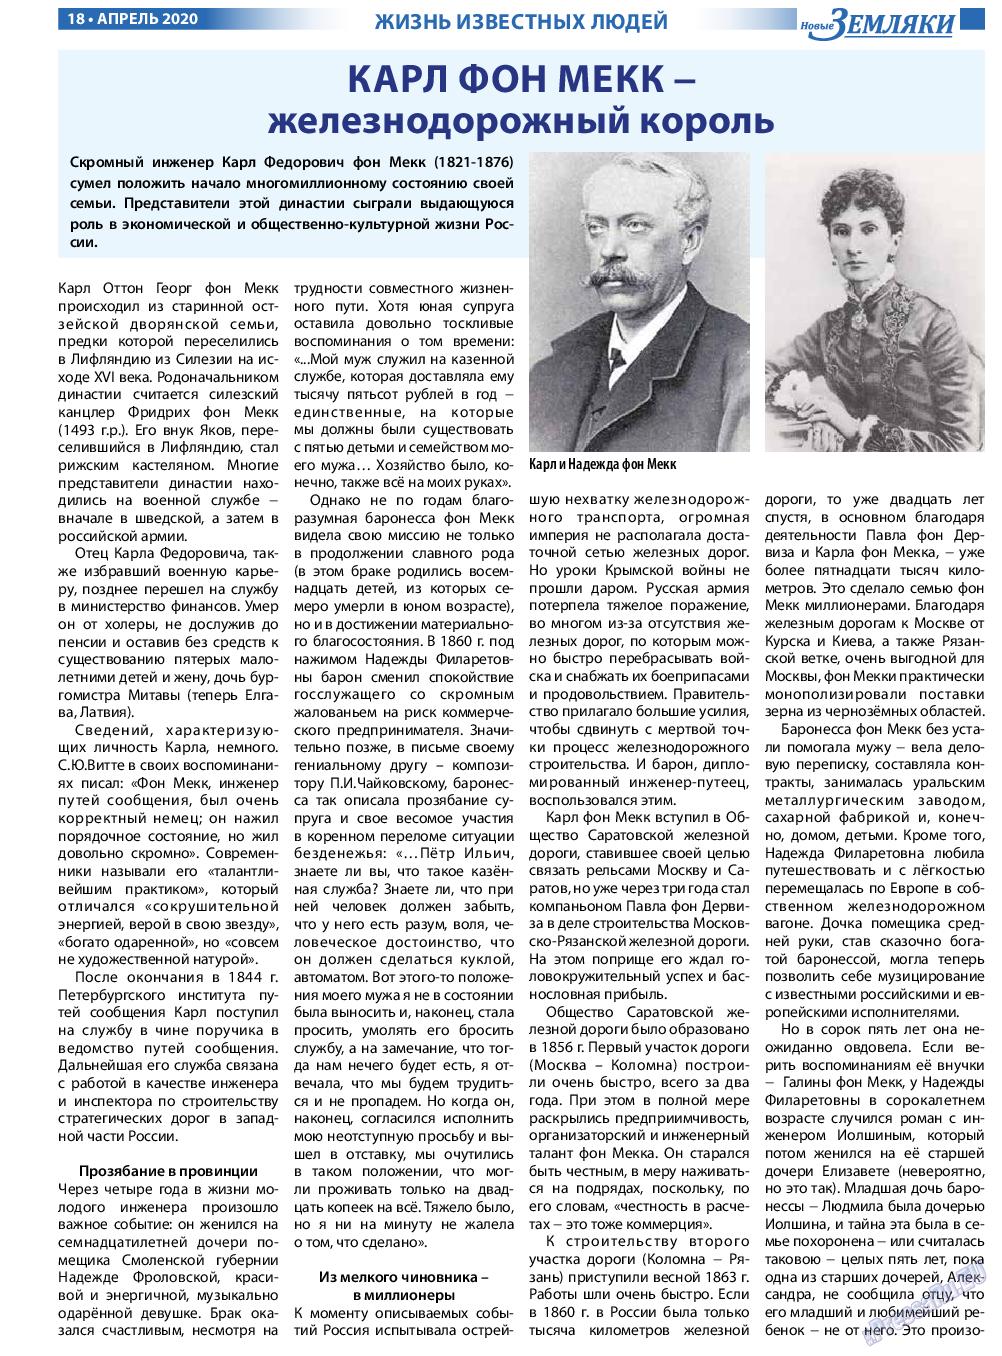 Новые Земляки (газета). 2020 год, номер 4, стр. 18